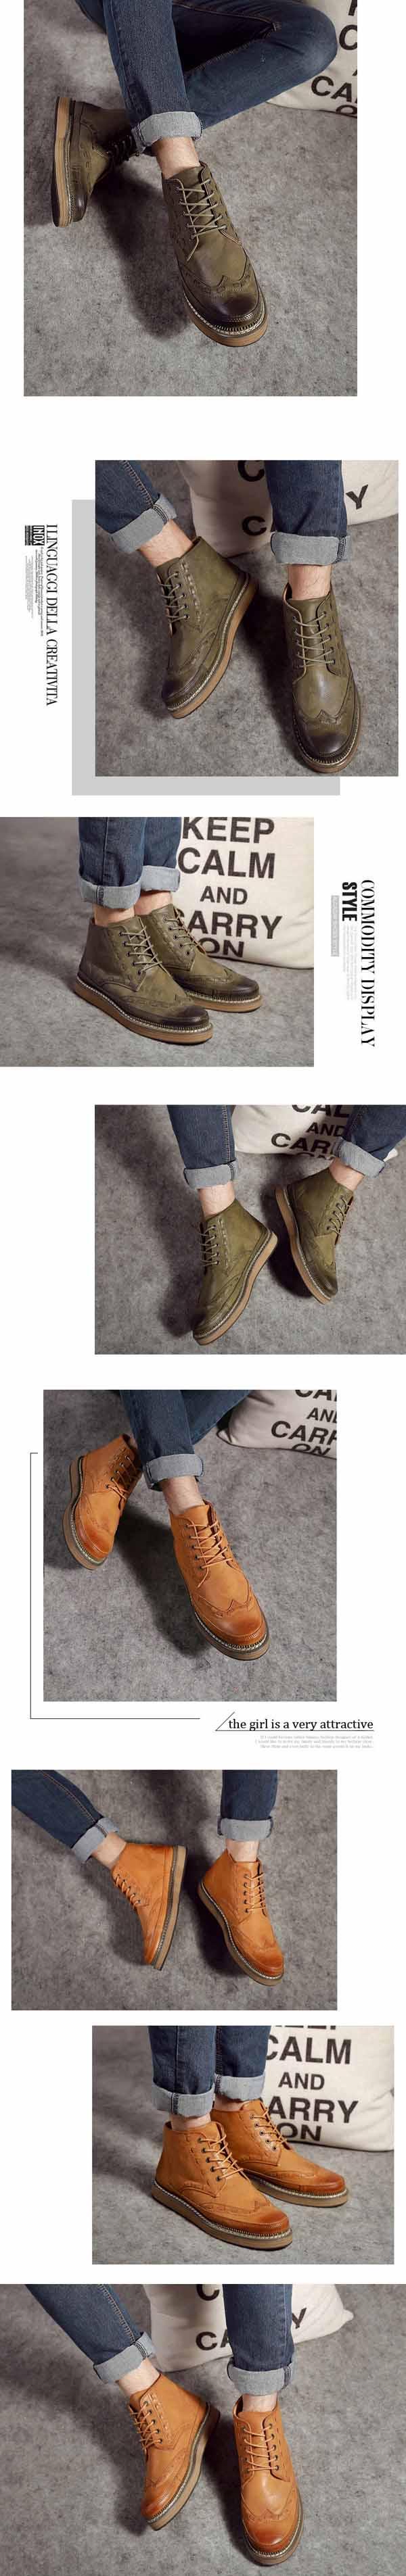 รองเท้าบู๊ทผู้ชาย หุ้มข้อหนังลำลองแฟชั่นเกาหลีสไตล์มาร์ติน นำเข้า ไซส์39ถึง44 - พรีออเดอร์MA5606 ราคา2900บาท